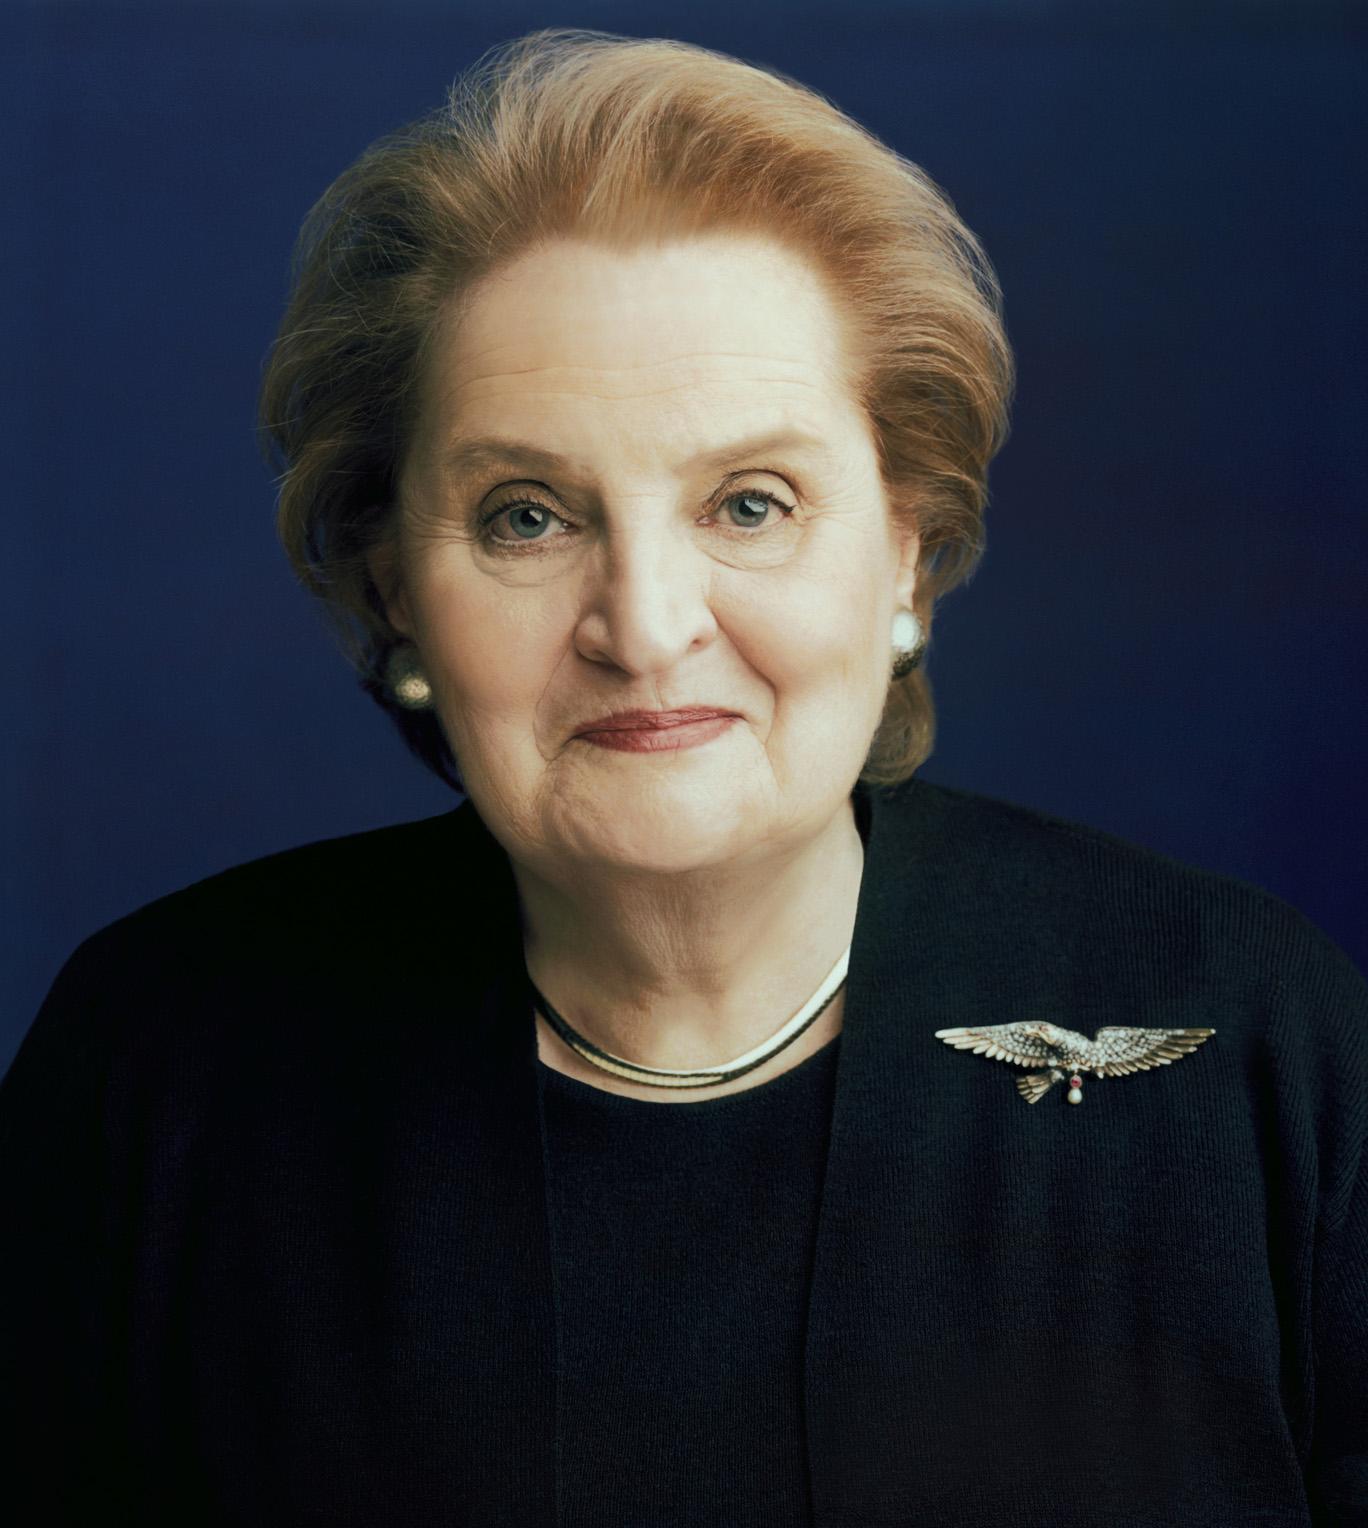 Veja o que saiu no Migalhas sobre Madeleine Albright